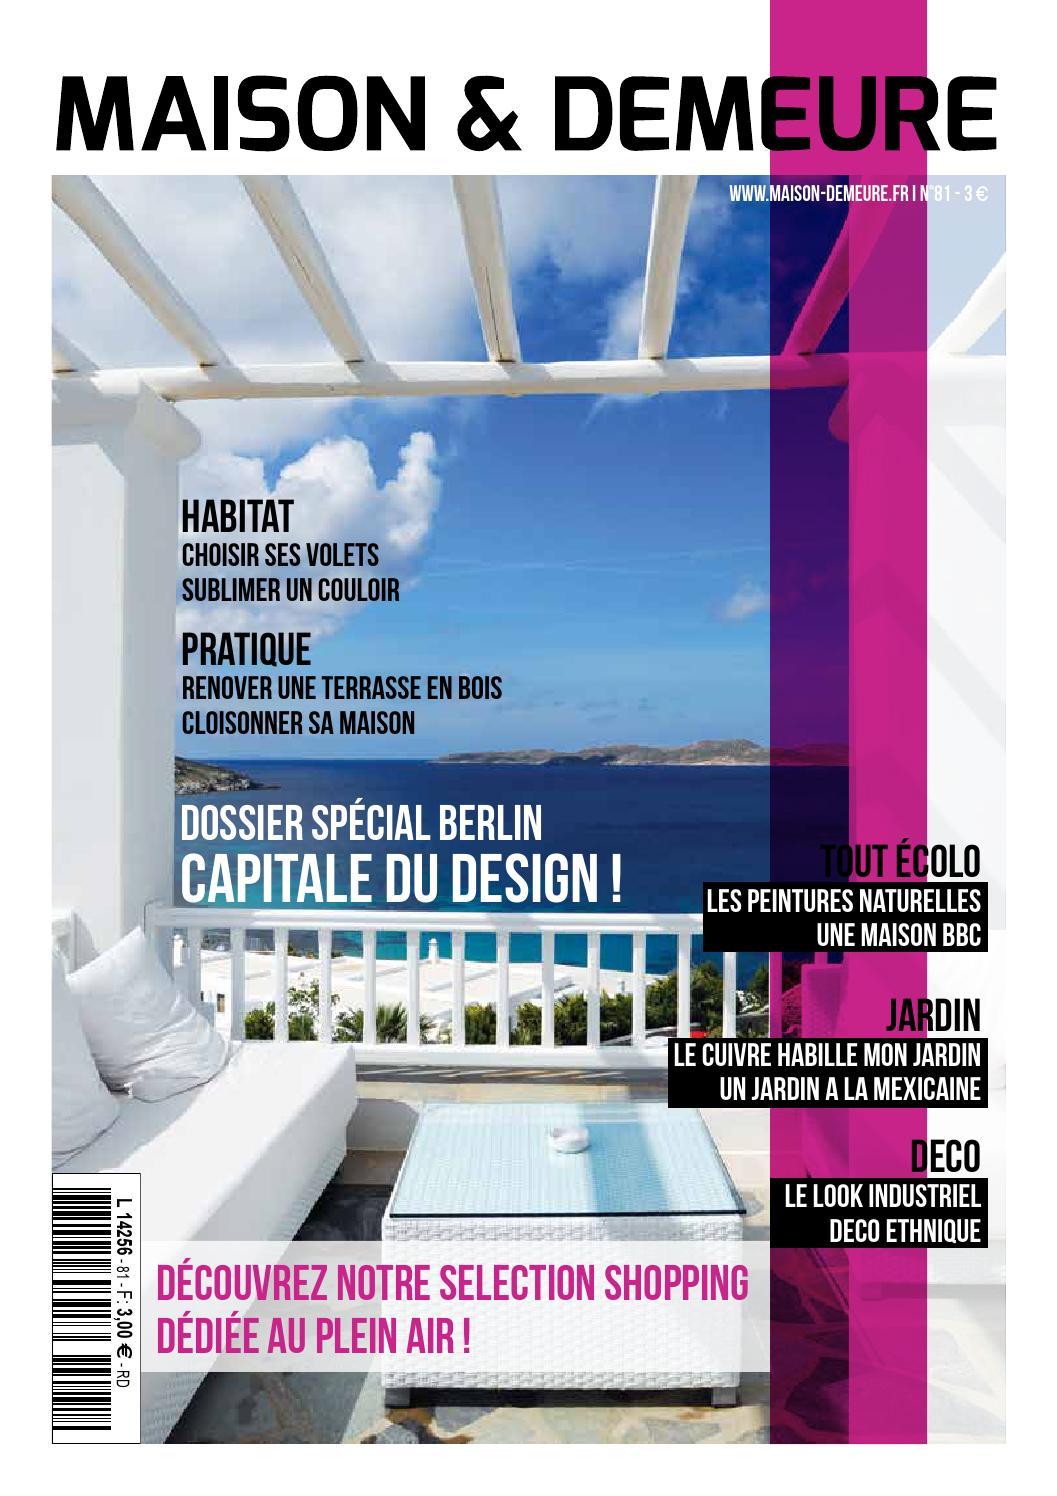 Magazine maison et demeure numero 81 by maison et demeure issuu - Maison demeure magazine ...